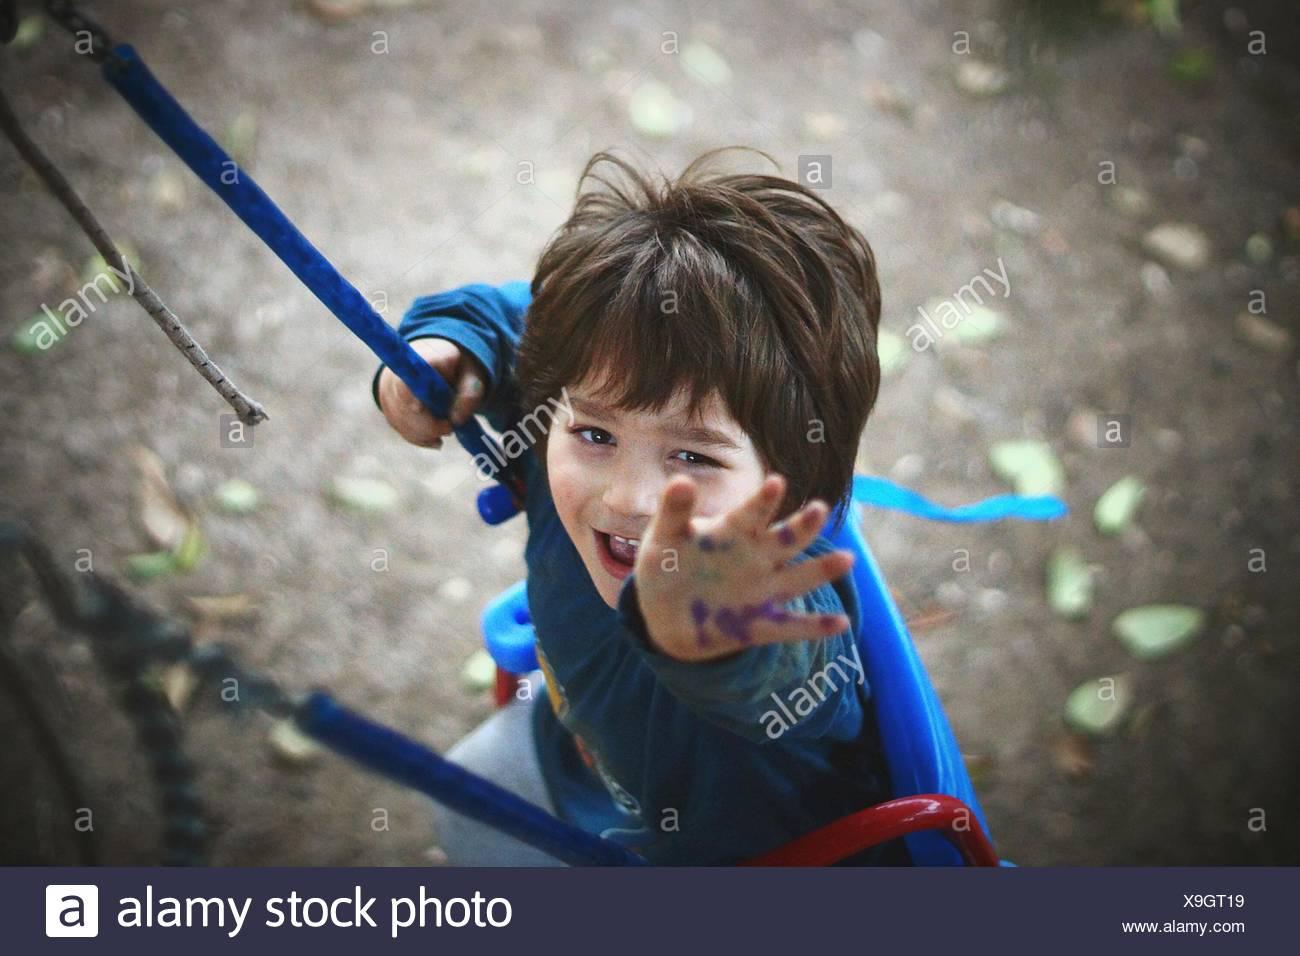 Retrato de niño disfrutando de columpio en el parque Imagen De Stock